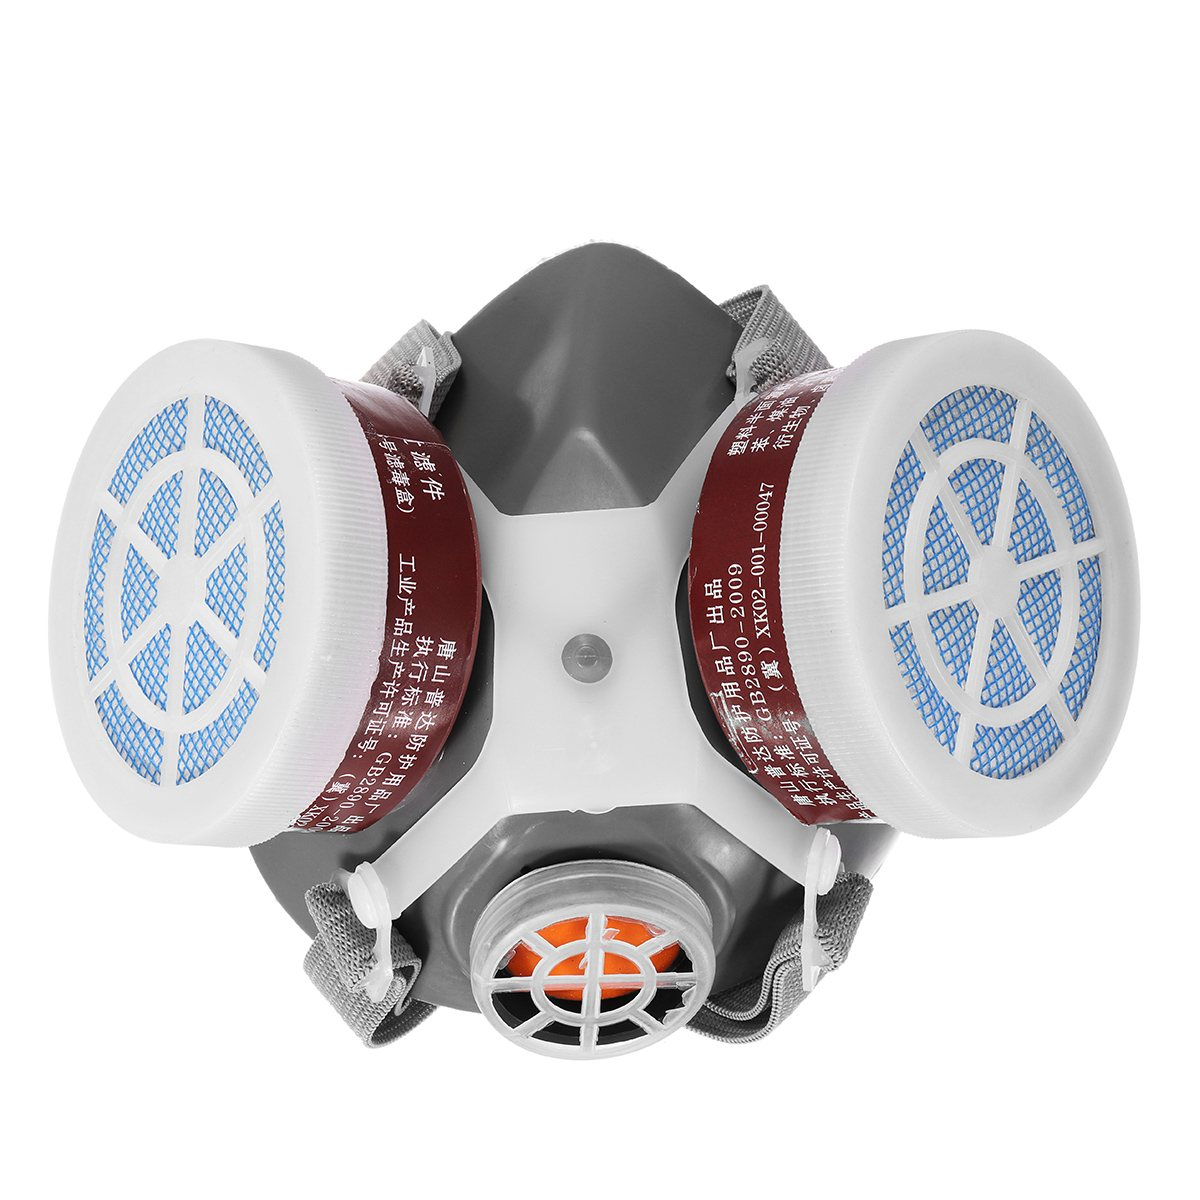 Safurance Respirador Máscara de Gás Químico Anti-Poeira do Filtro de  Segurança Militar de Proteção de Segurança do Trabalho Anti Poeira 638017db68